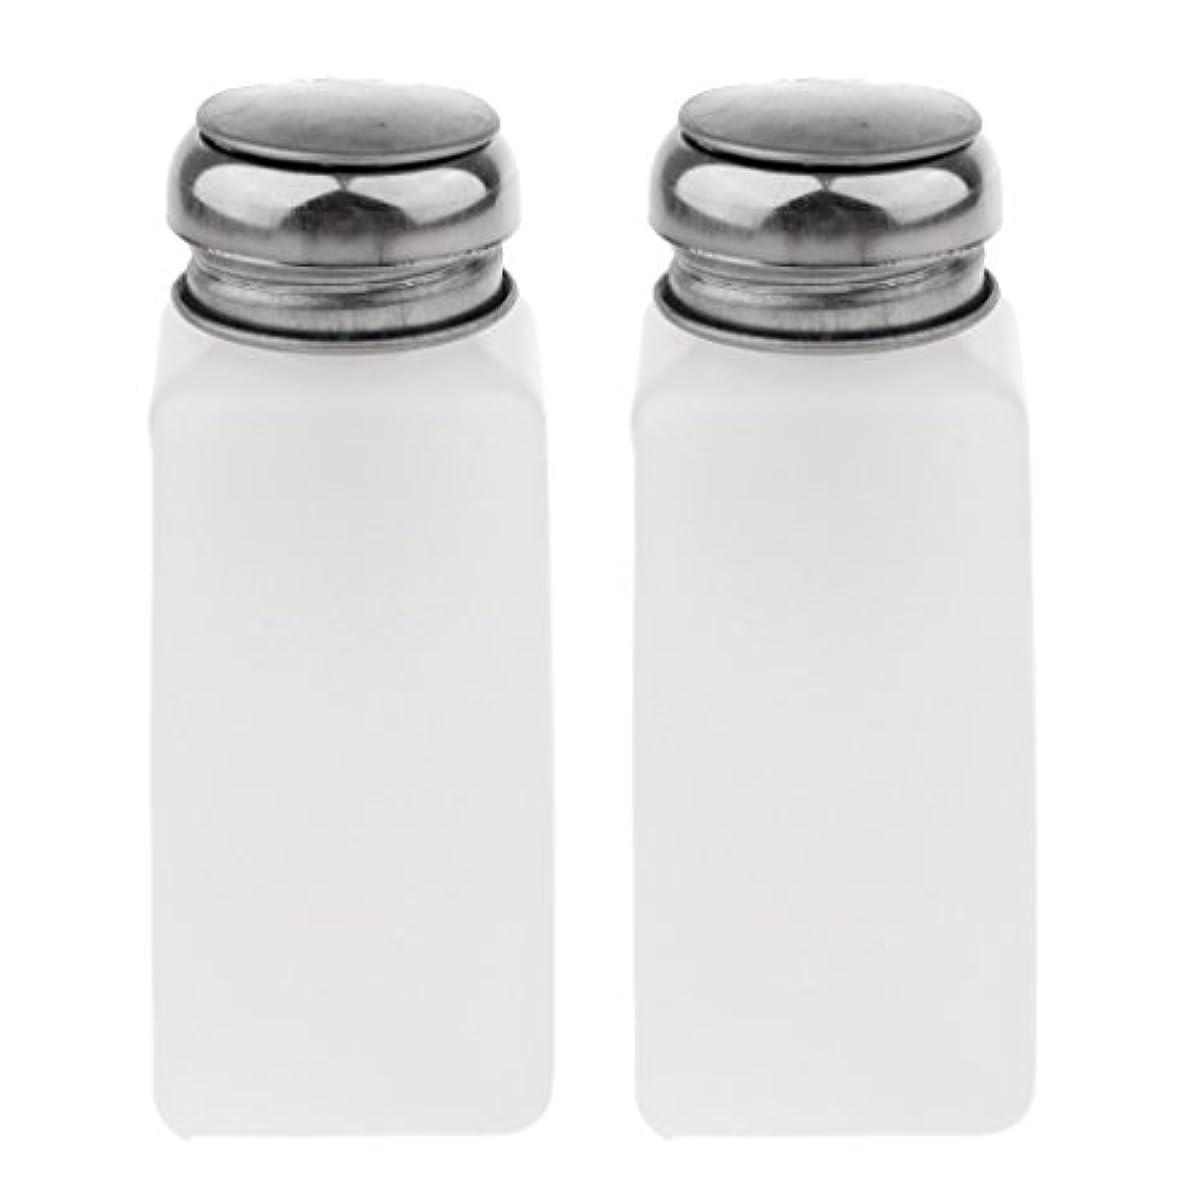 ローブ荒れ地忌まわしいPerfk 2個 空ポンプ ボトル ネイルクリーナーボトル ポンプディスペンサー ジェルクリーナー 3サイズ選べ  - 250ミリリットル